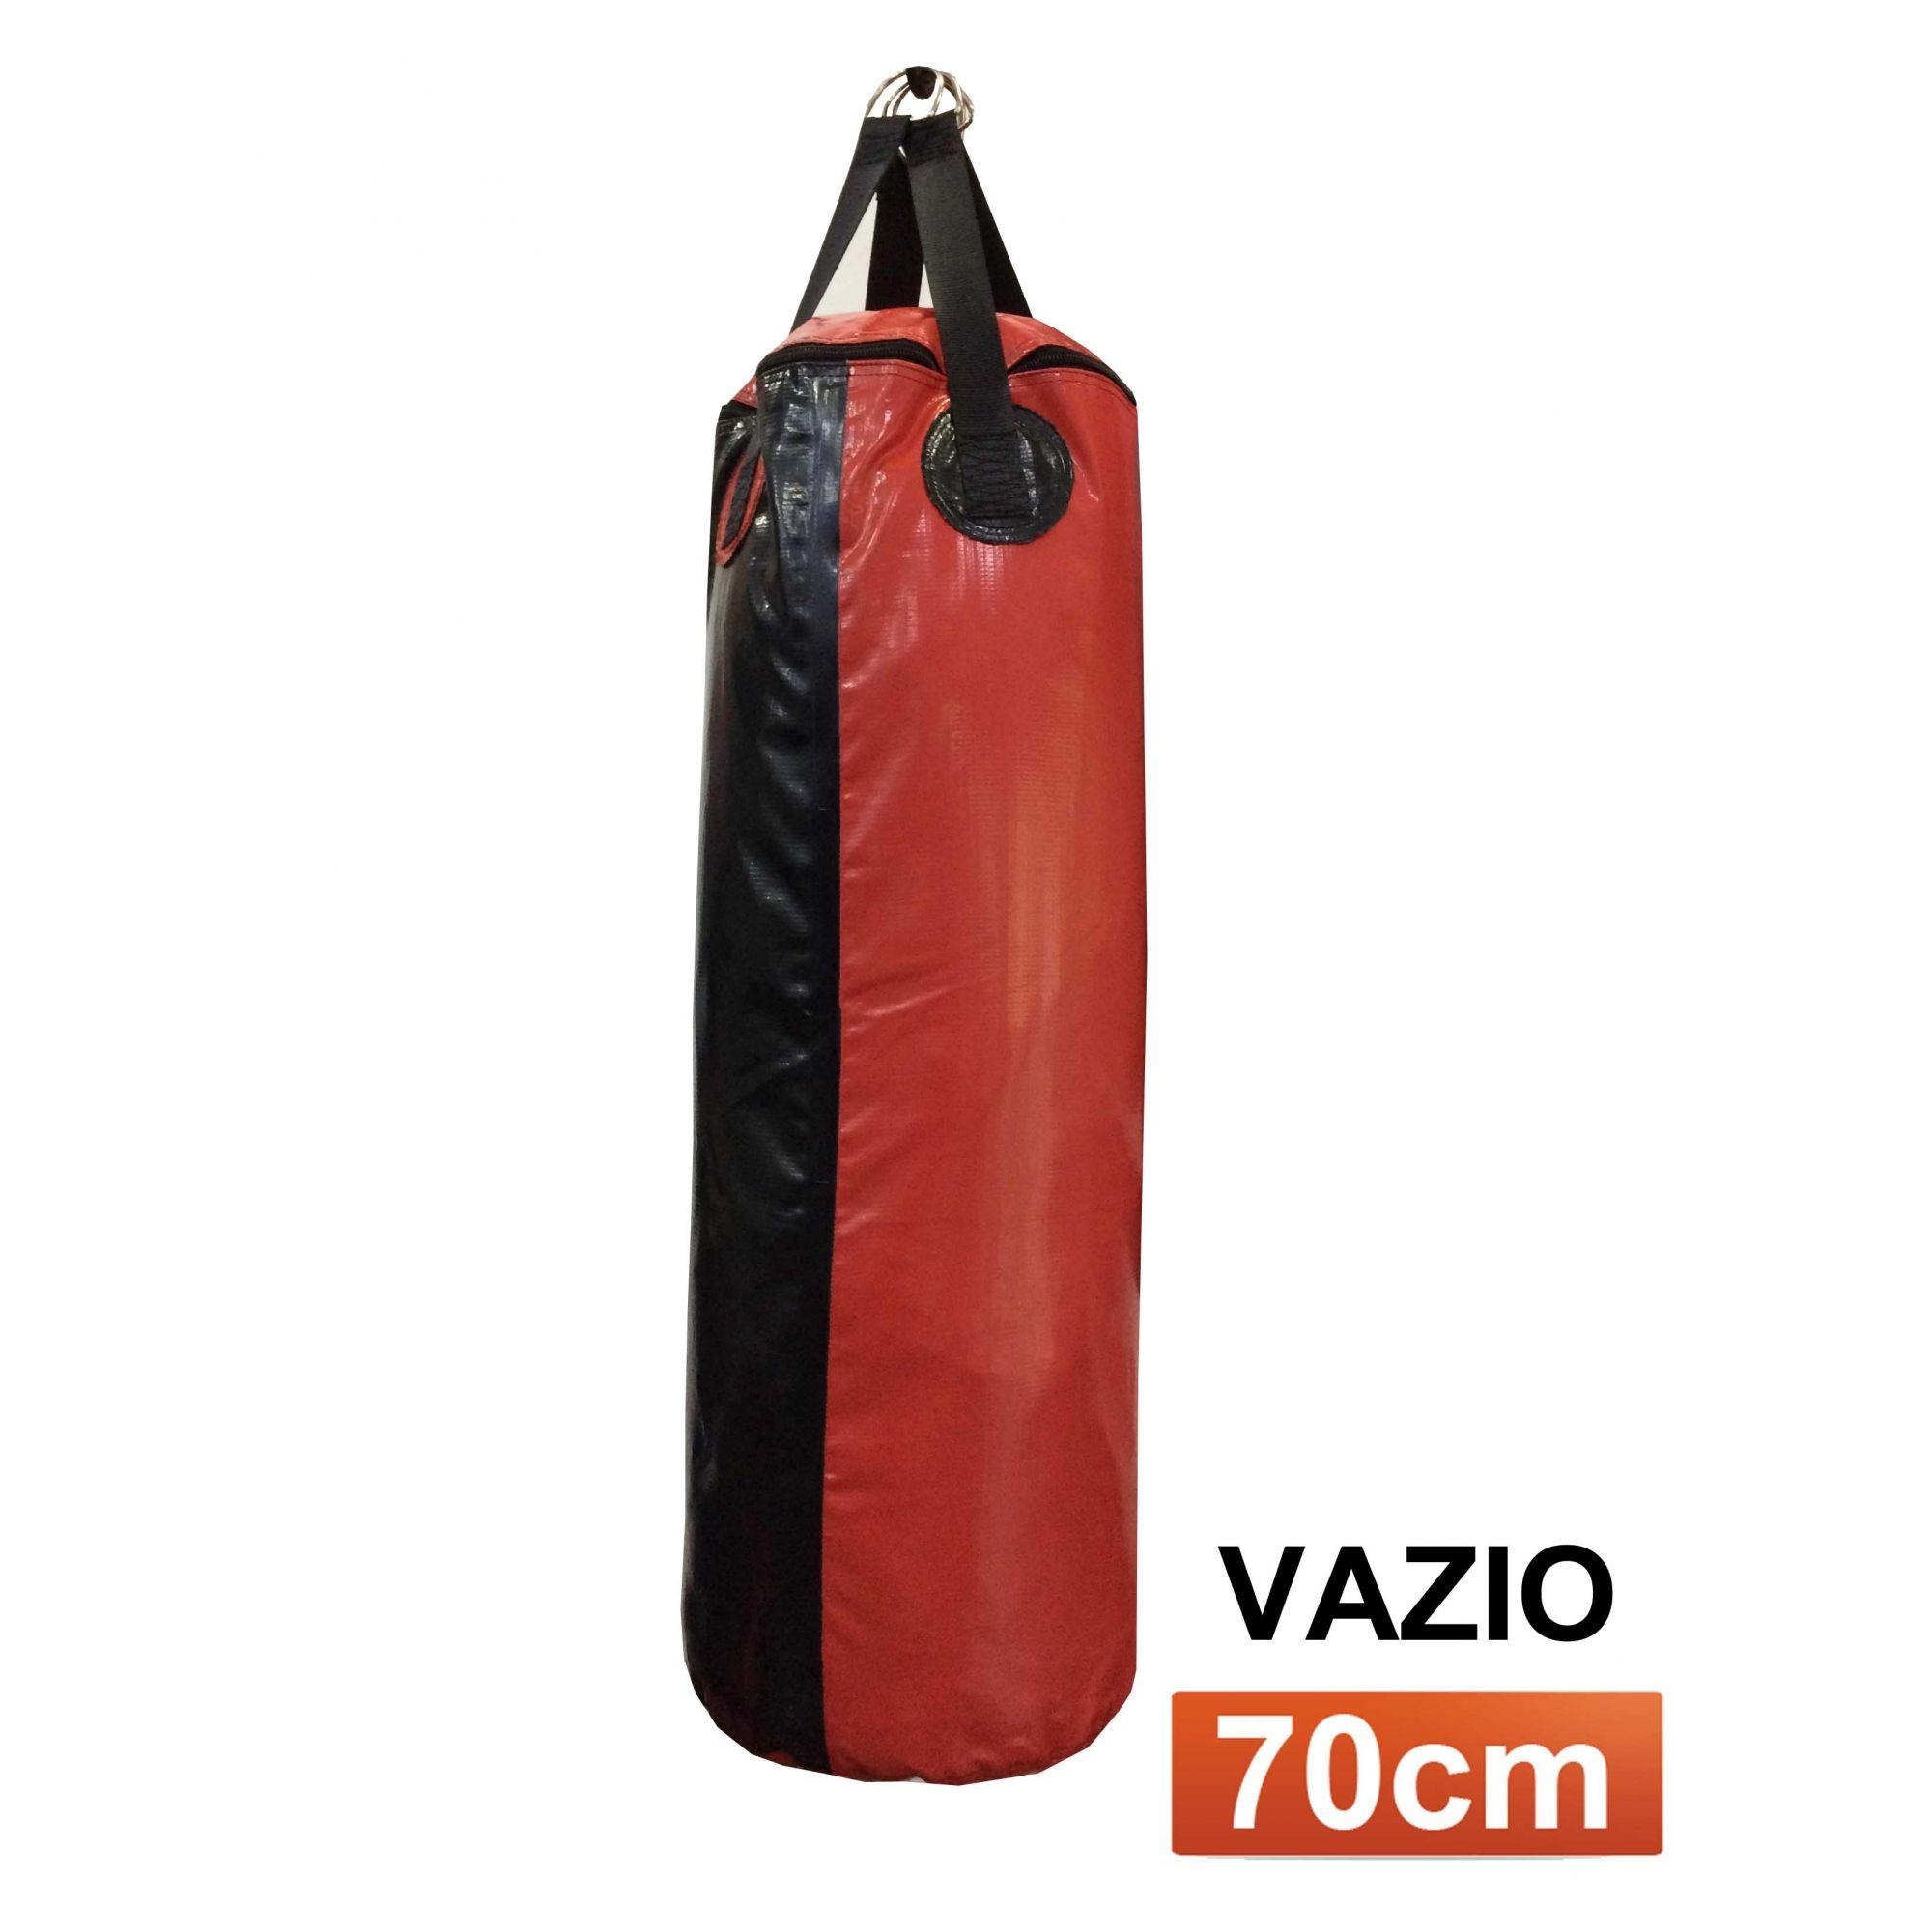 Saco de Pancadas - Lona Náutica - Vazio - 70cm - Toriuk  - Loja do Competidor